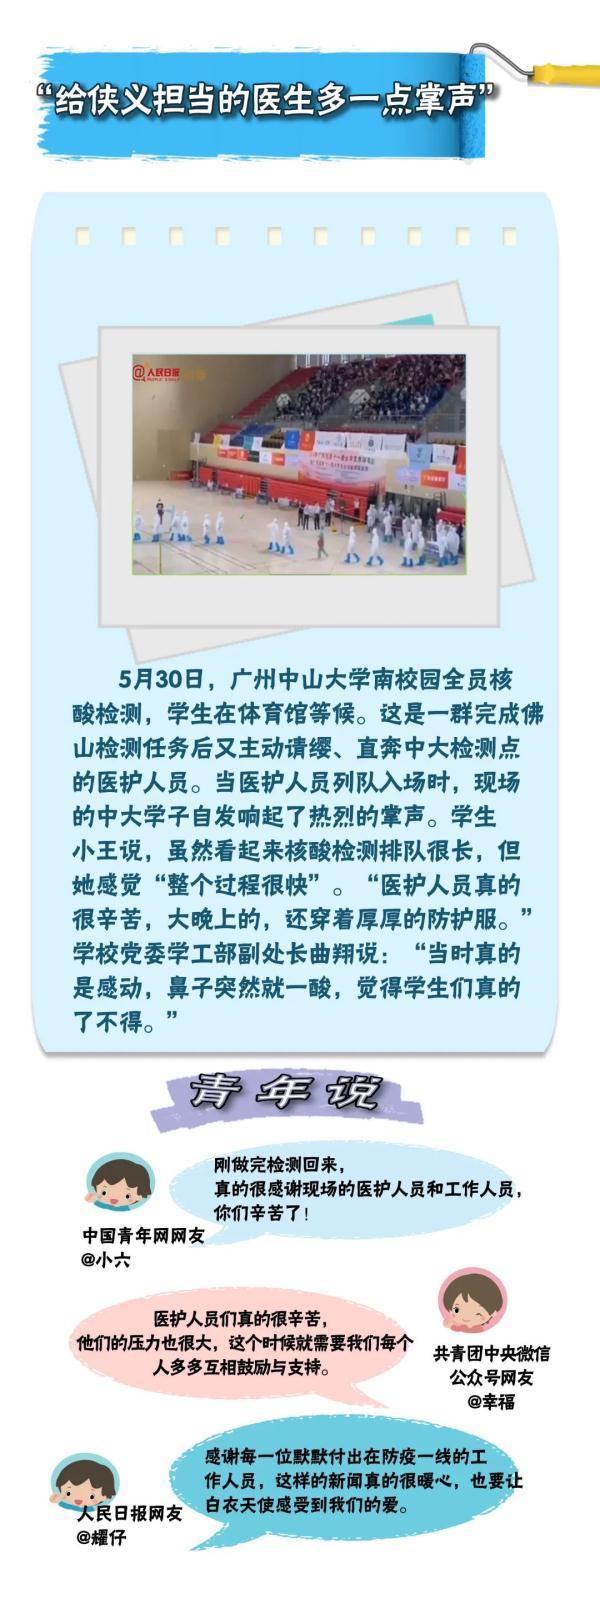 中国人的故事|暖镜头:7亿剂次,每个人都是一道防线 全球新闻风头榜 第8张